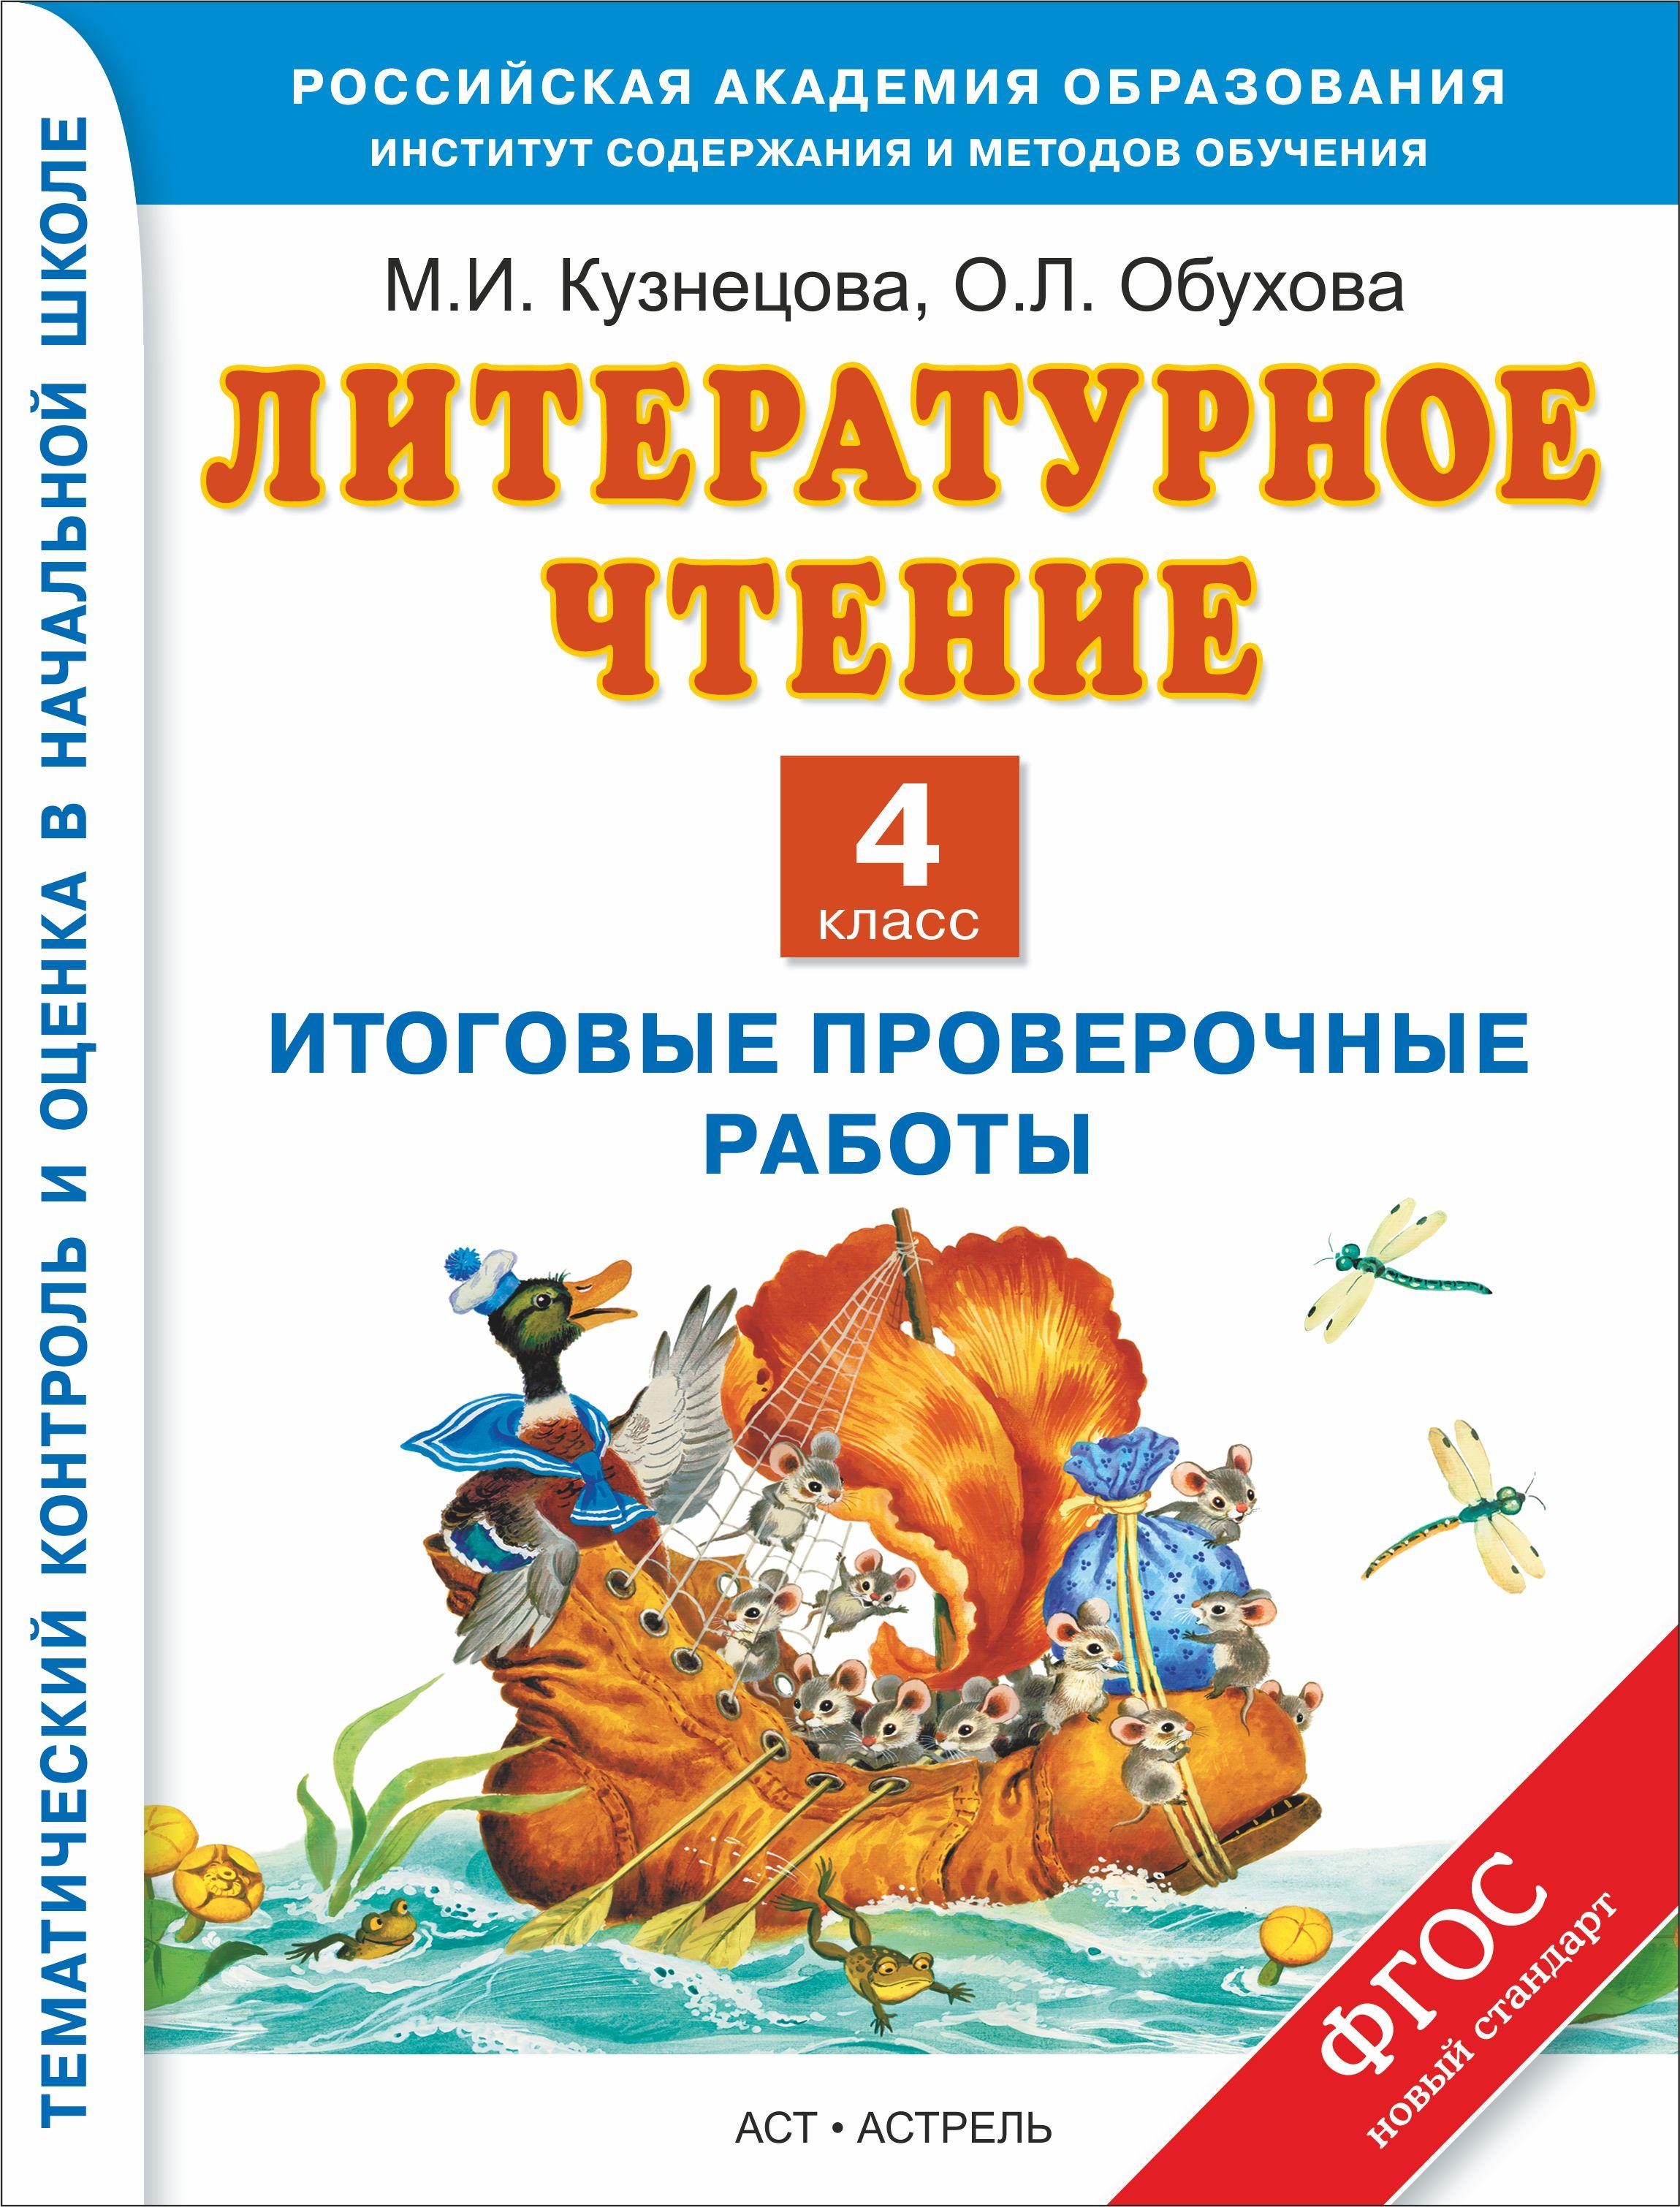 Литературное чтение. 4 класс. Итоговые проверочные работы